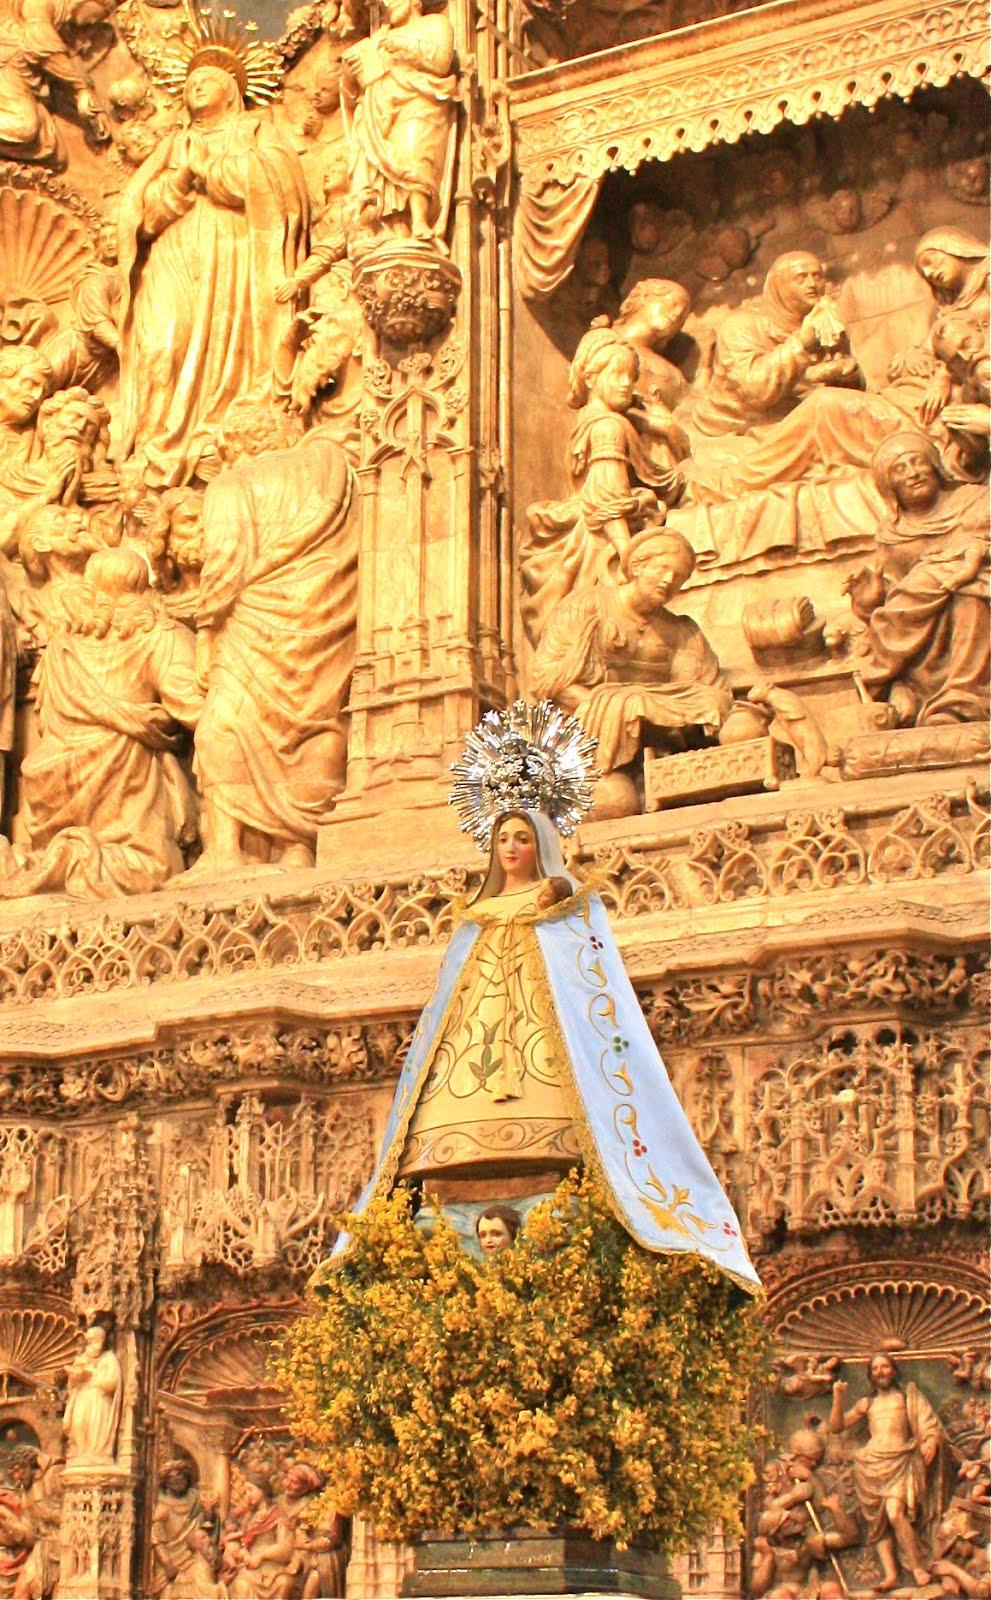 Video: Peregrinación de la Virgen de la Aliaga al Pilar 2015